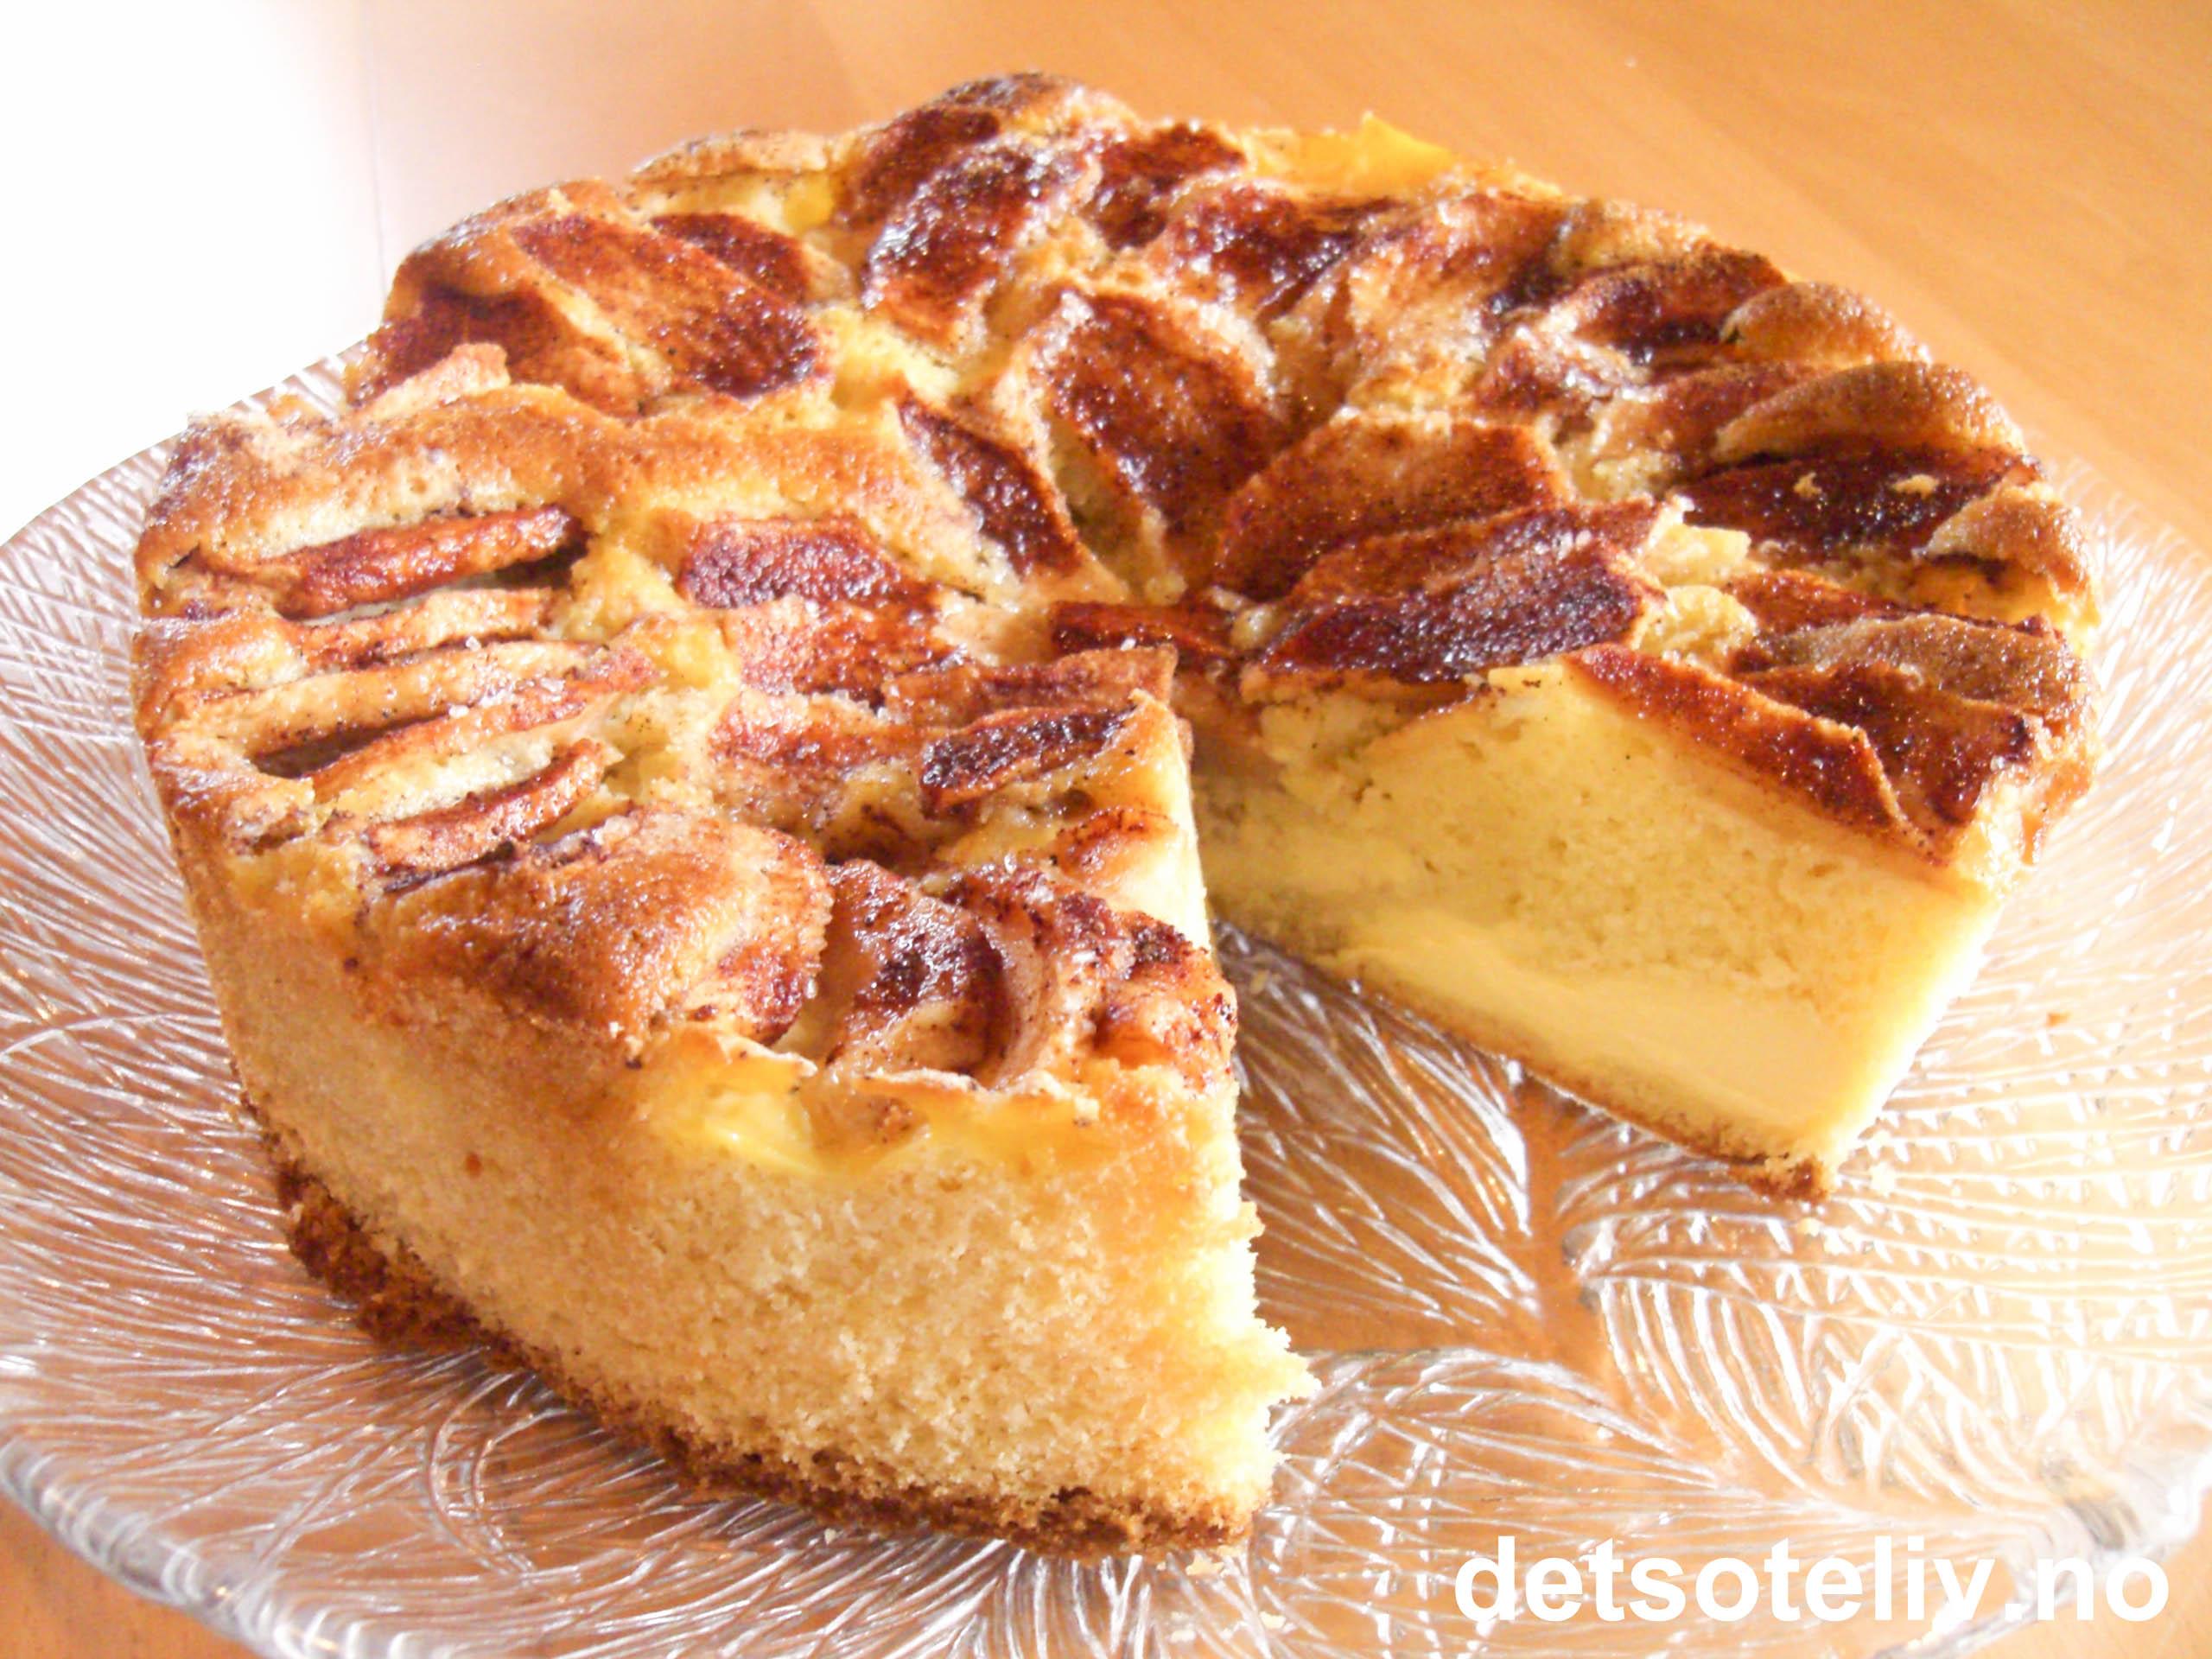 oppskrift eplekake med vaniljekrem